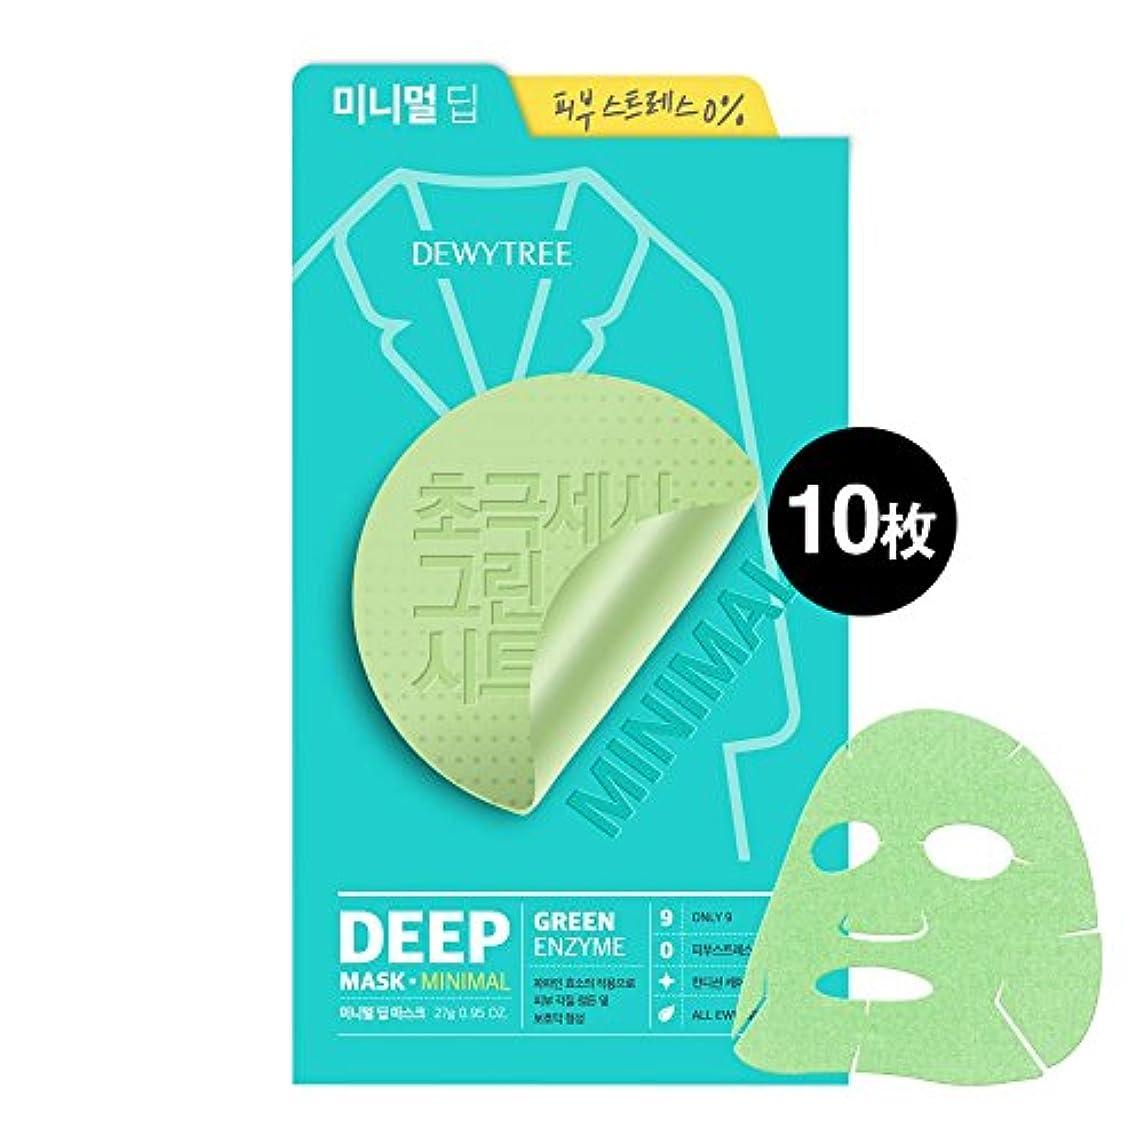 成分綺麗な文(デューイトゥリー) DEWYTREE ミニマルディープマスク 10枚 Minimal Deep Mask 韓国マスクパック (並行輸入品)